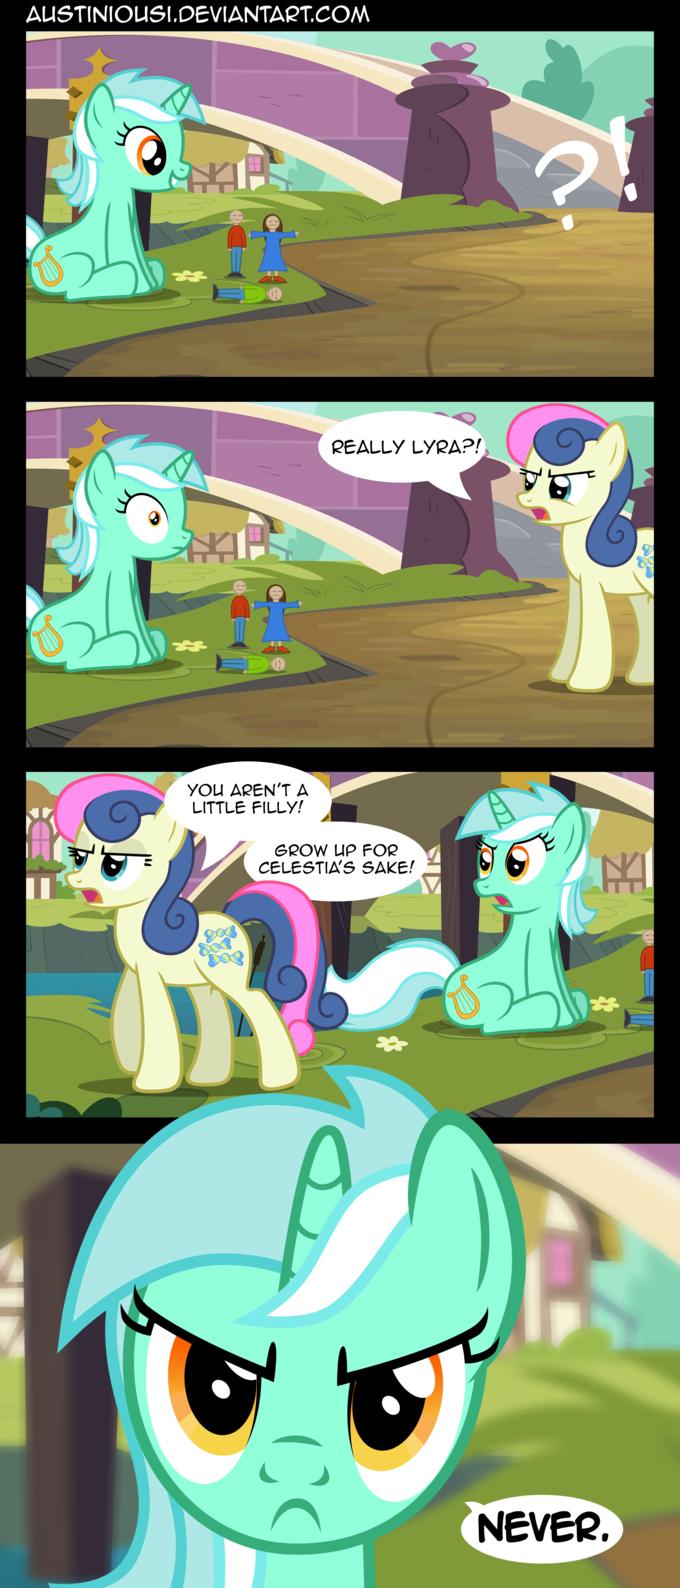 Lyra has no shame